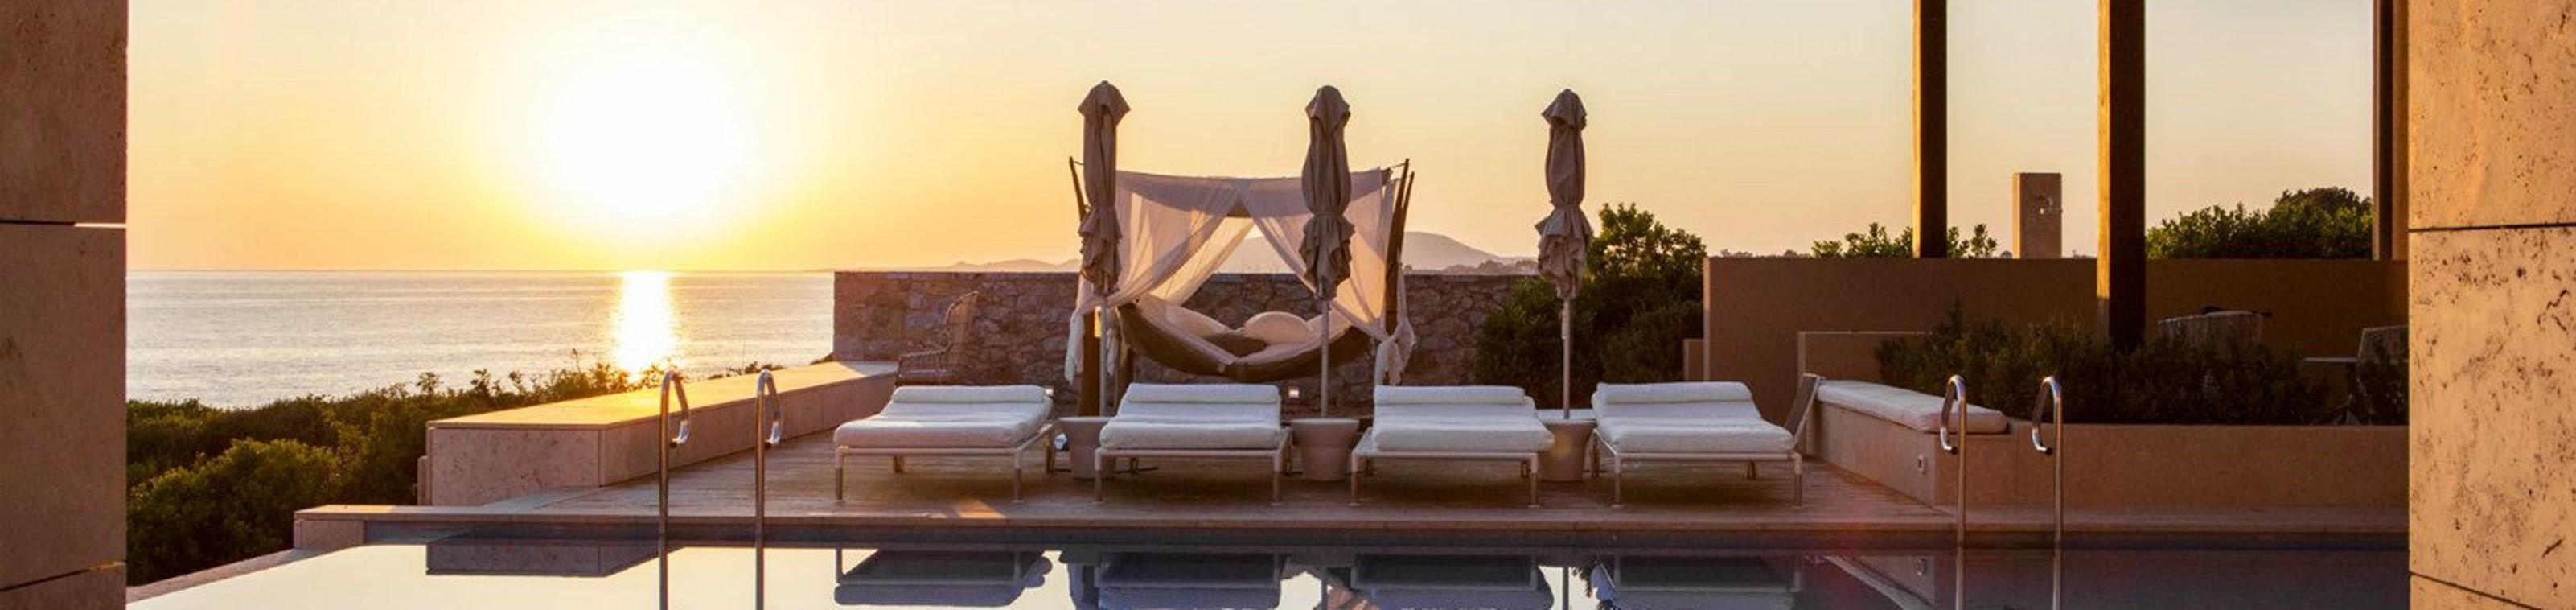 Mediterrane luxe in Peloponnesos